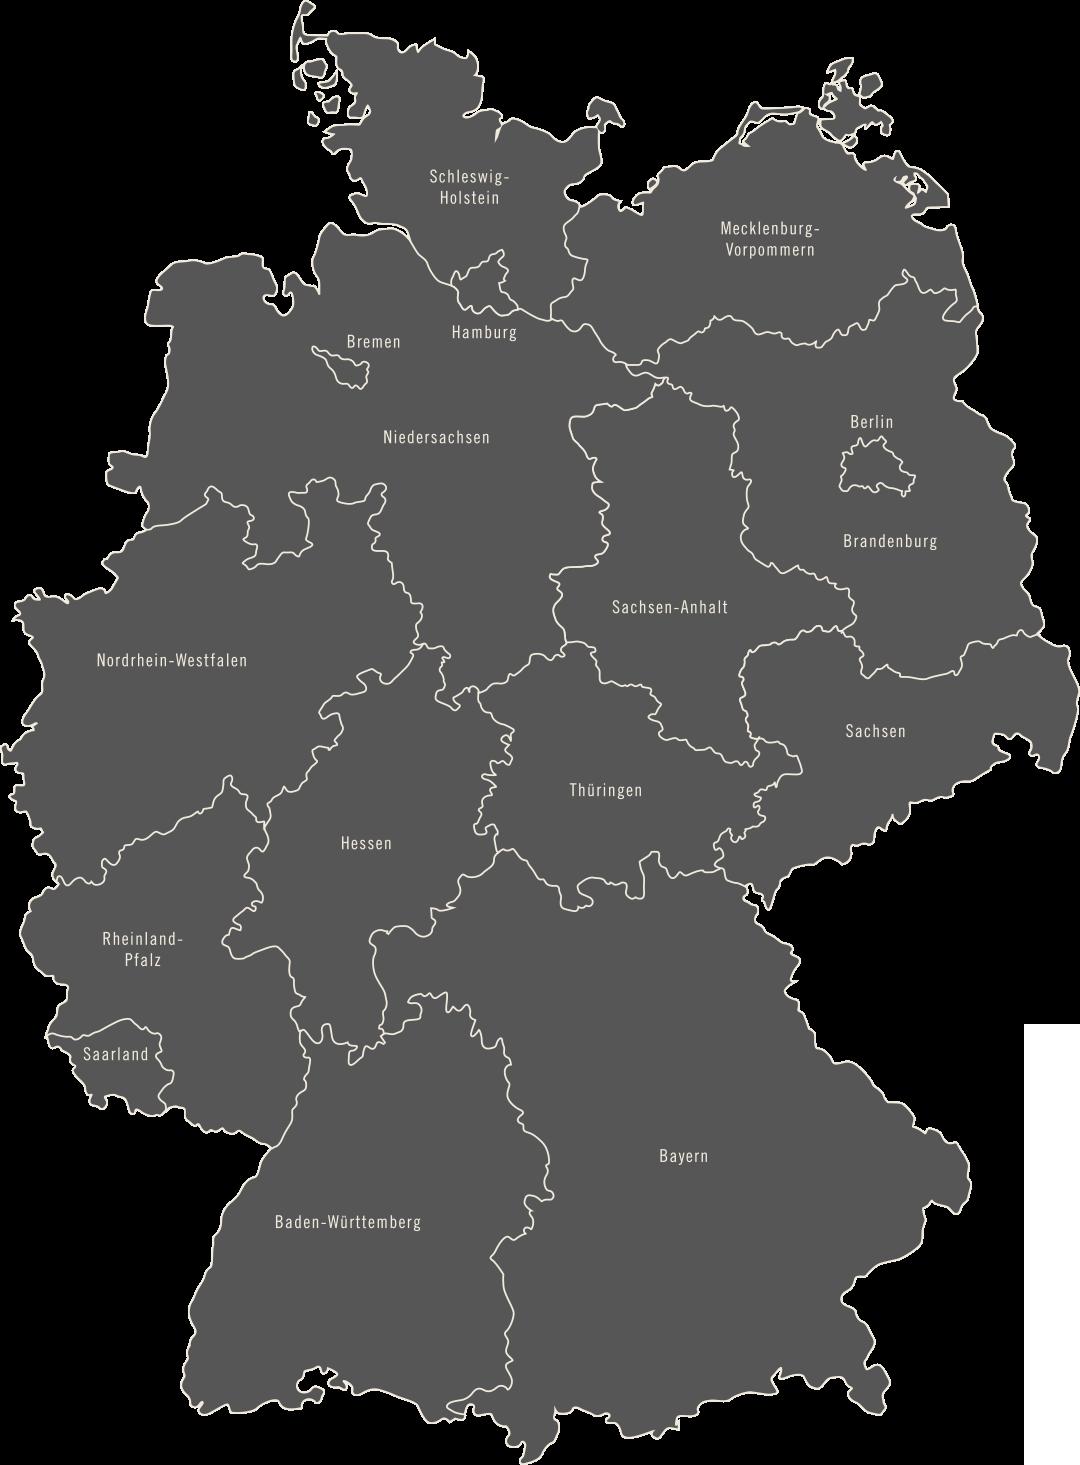 Flyerverteilung deutschlandweit